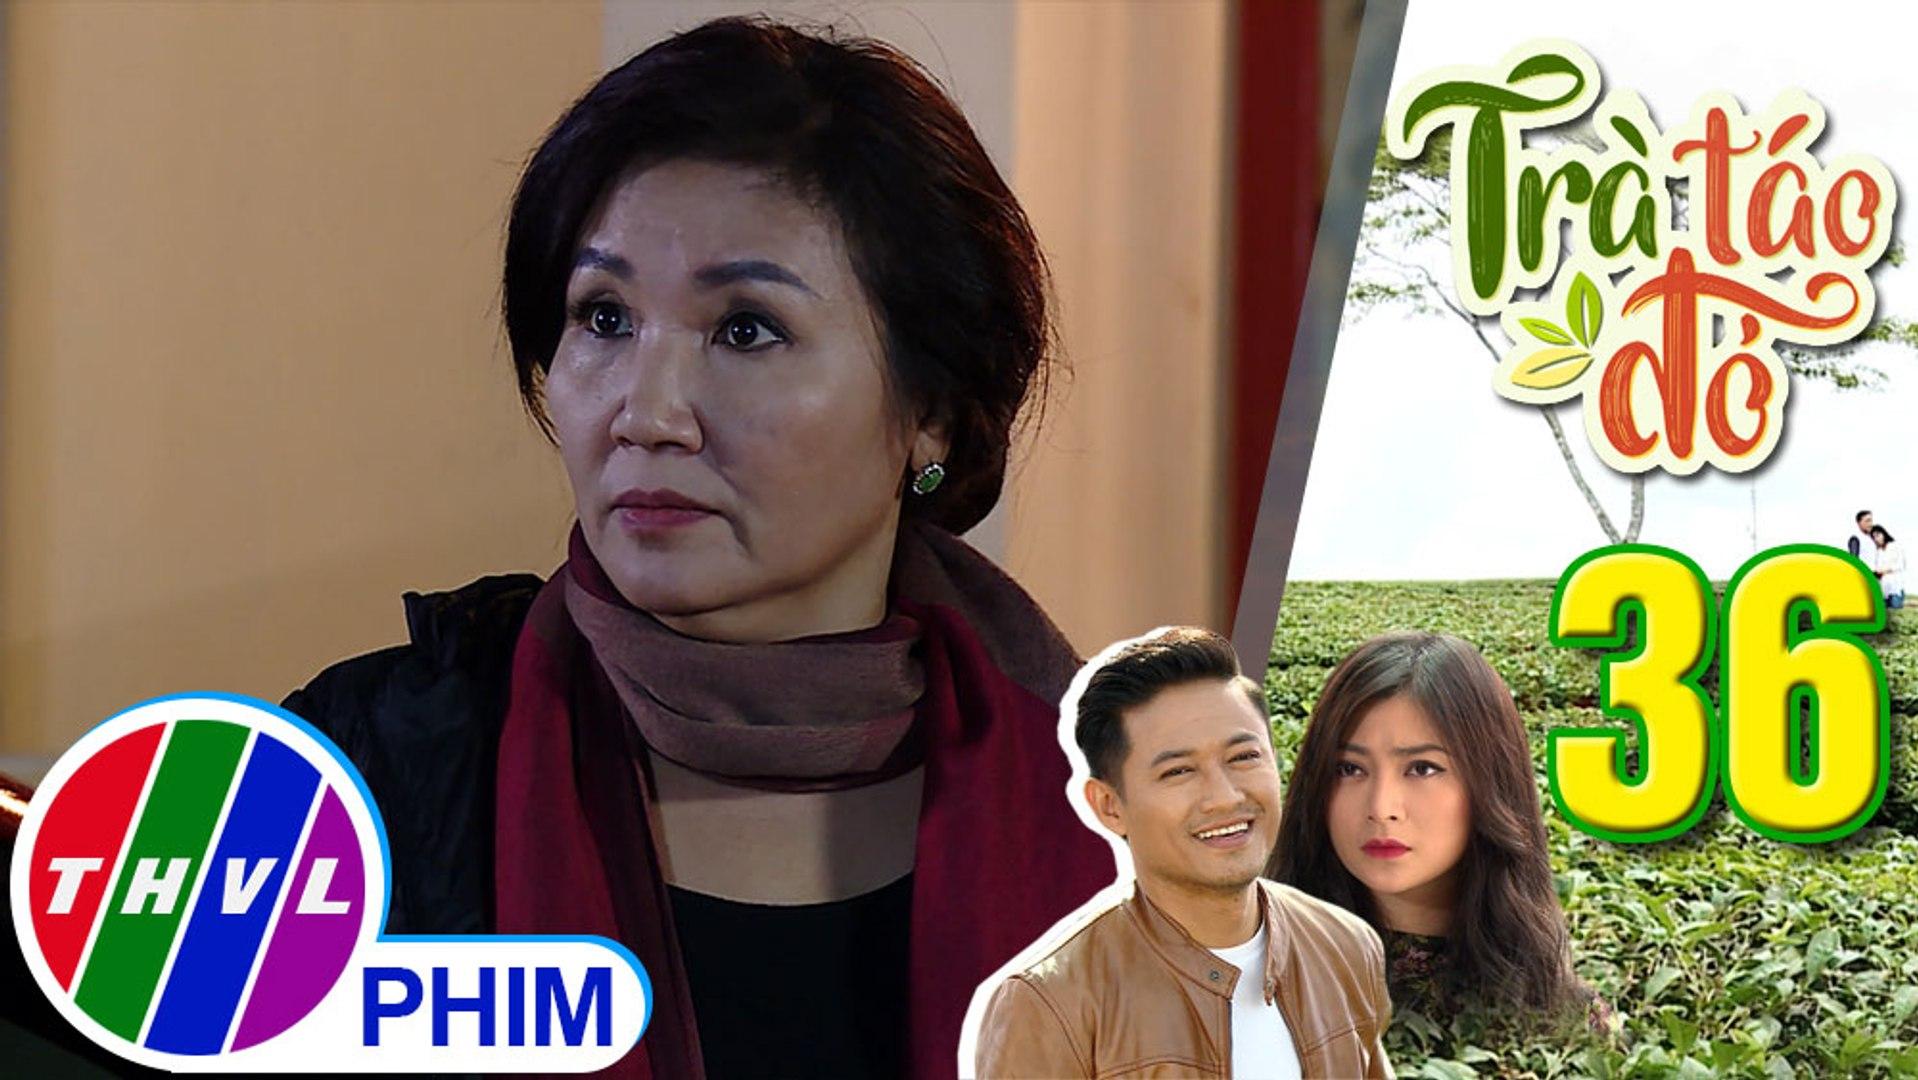 THVL | Trà táo đỏ - Tập 36[2]: Bà Hiền khẳng định với Chiêu Dương Hiếu và Trúc Trà sẽ kết hôn